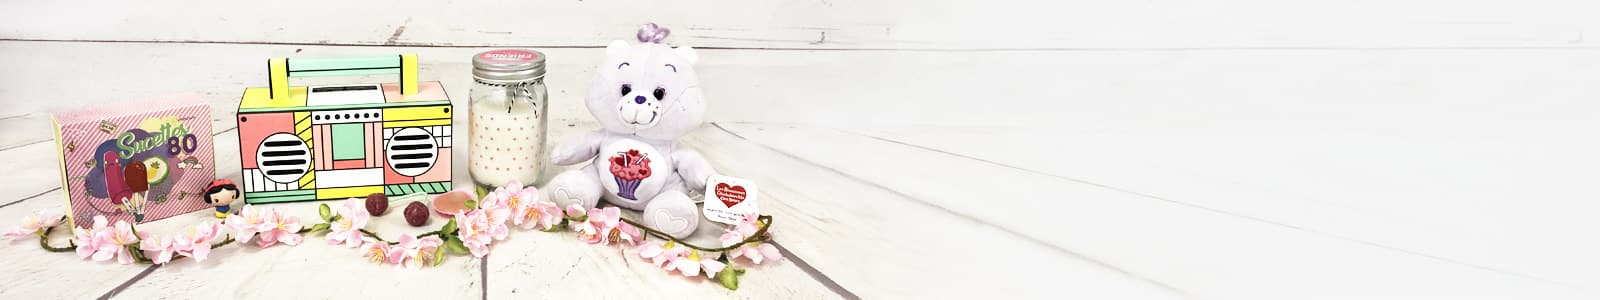 Ah comme c'est beau l'amour! Que cela soit en couple, en amitié ou même en famille, l'amour c'est beau. Une des plus belles choses dans l'amour est la possibilité d'offrir des cadeaux, d'en recevoir, mais aussi le plaisir de voir les yeux de ses proches briller devant le cadeau que vous leur avez offert.  Aujourd'hui, c'est pour votre copine que vous recherchez un cadeau, c'est elle que vous cherchez à satisfaire. Vous êtes au bon endroit car dans cette catégorie vous trouverez de nombreuses idées cadeau copine et parmi elles, il y en a une qui va ravir le cœur de votre copine.